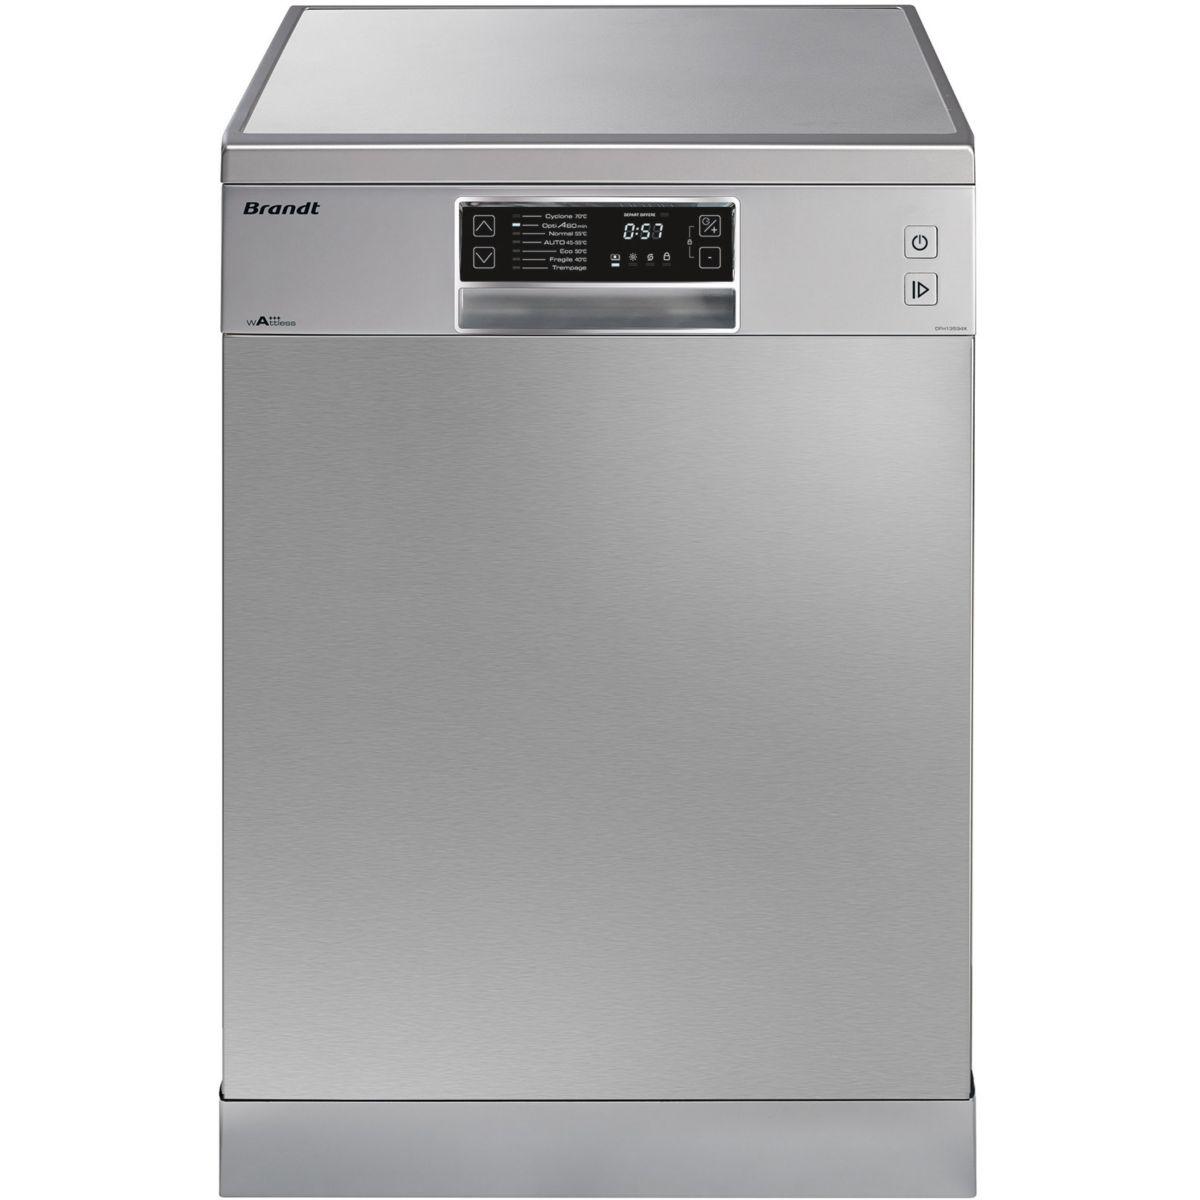 Lave vaisselle 60 cm BRANDT DFH 13534X (Silver)